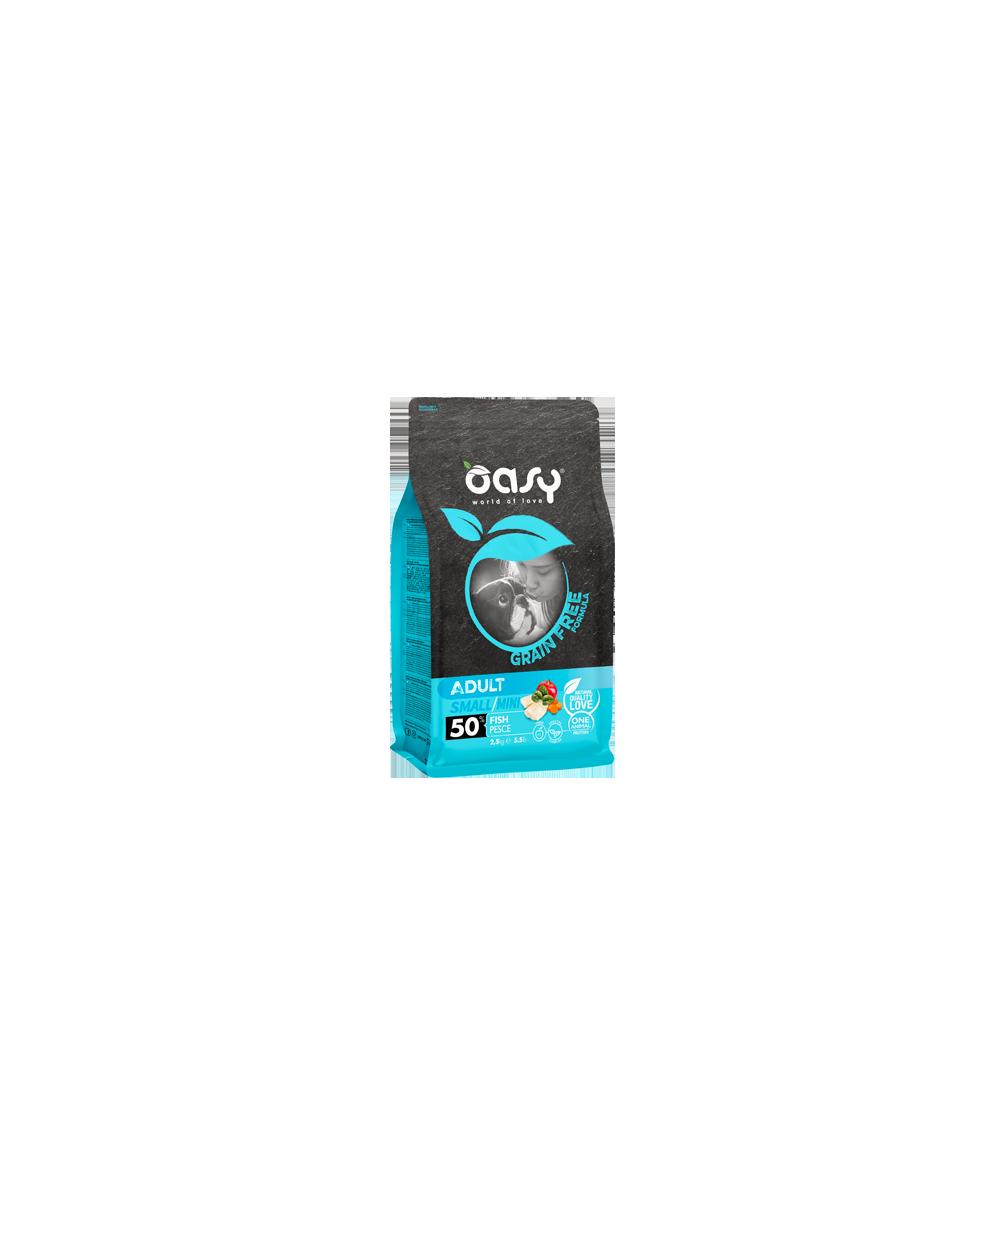 Oasy Dog Grain Free Adult Small e Mini Pesce Fresco 2.5 kg